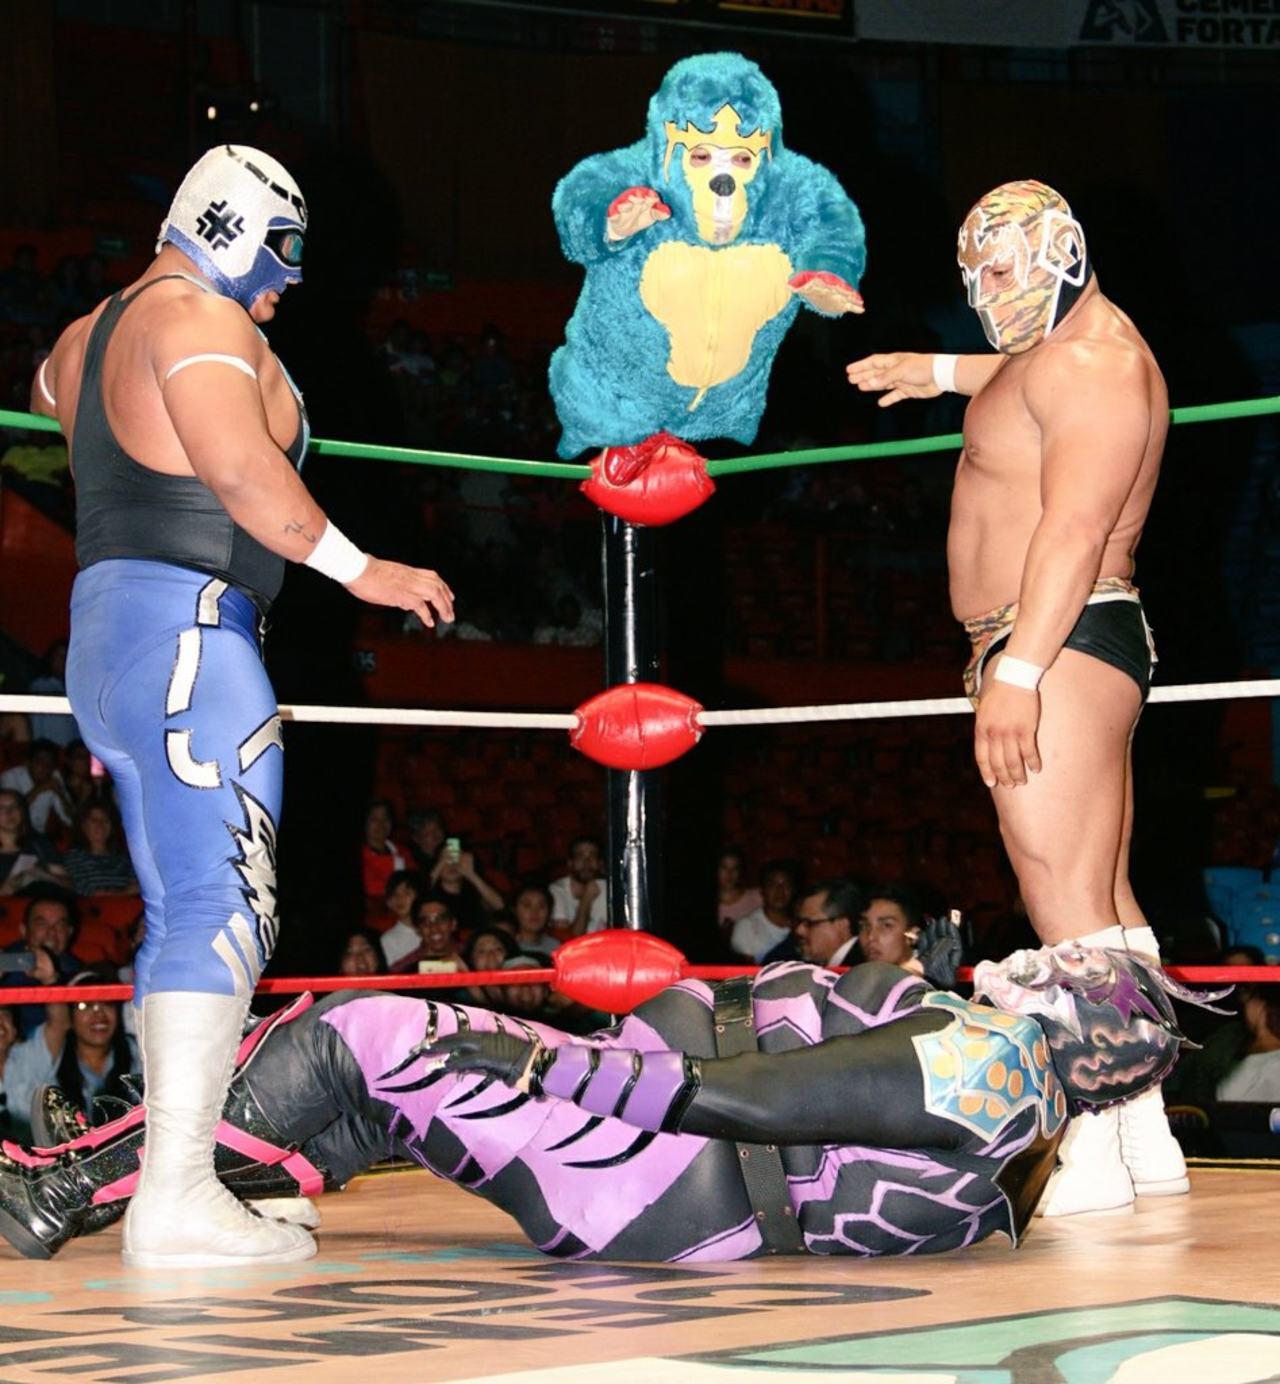 el kemonito lucha libre cmll mascara valiente